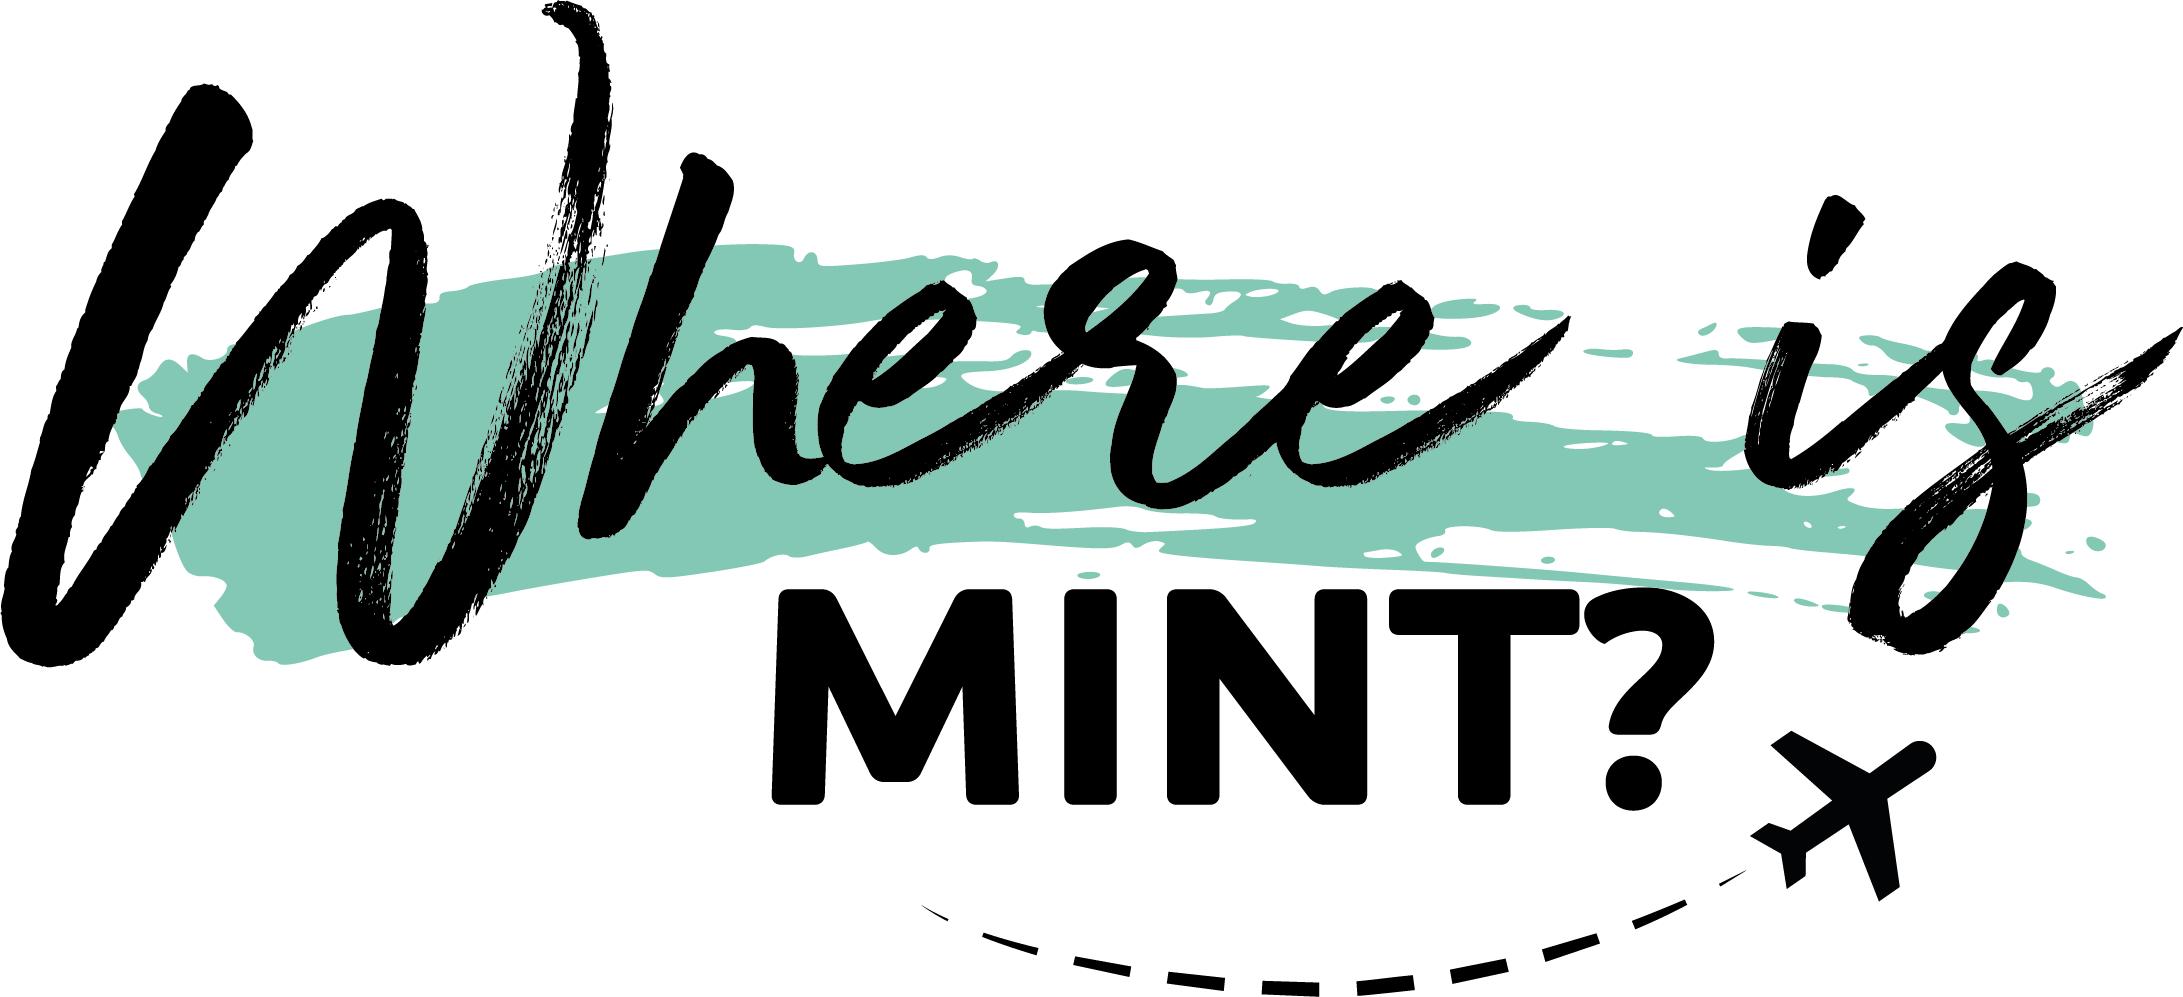 Podróże z dziećmi - blog podróżniczy - Where is Mint